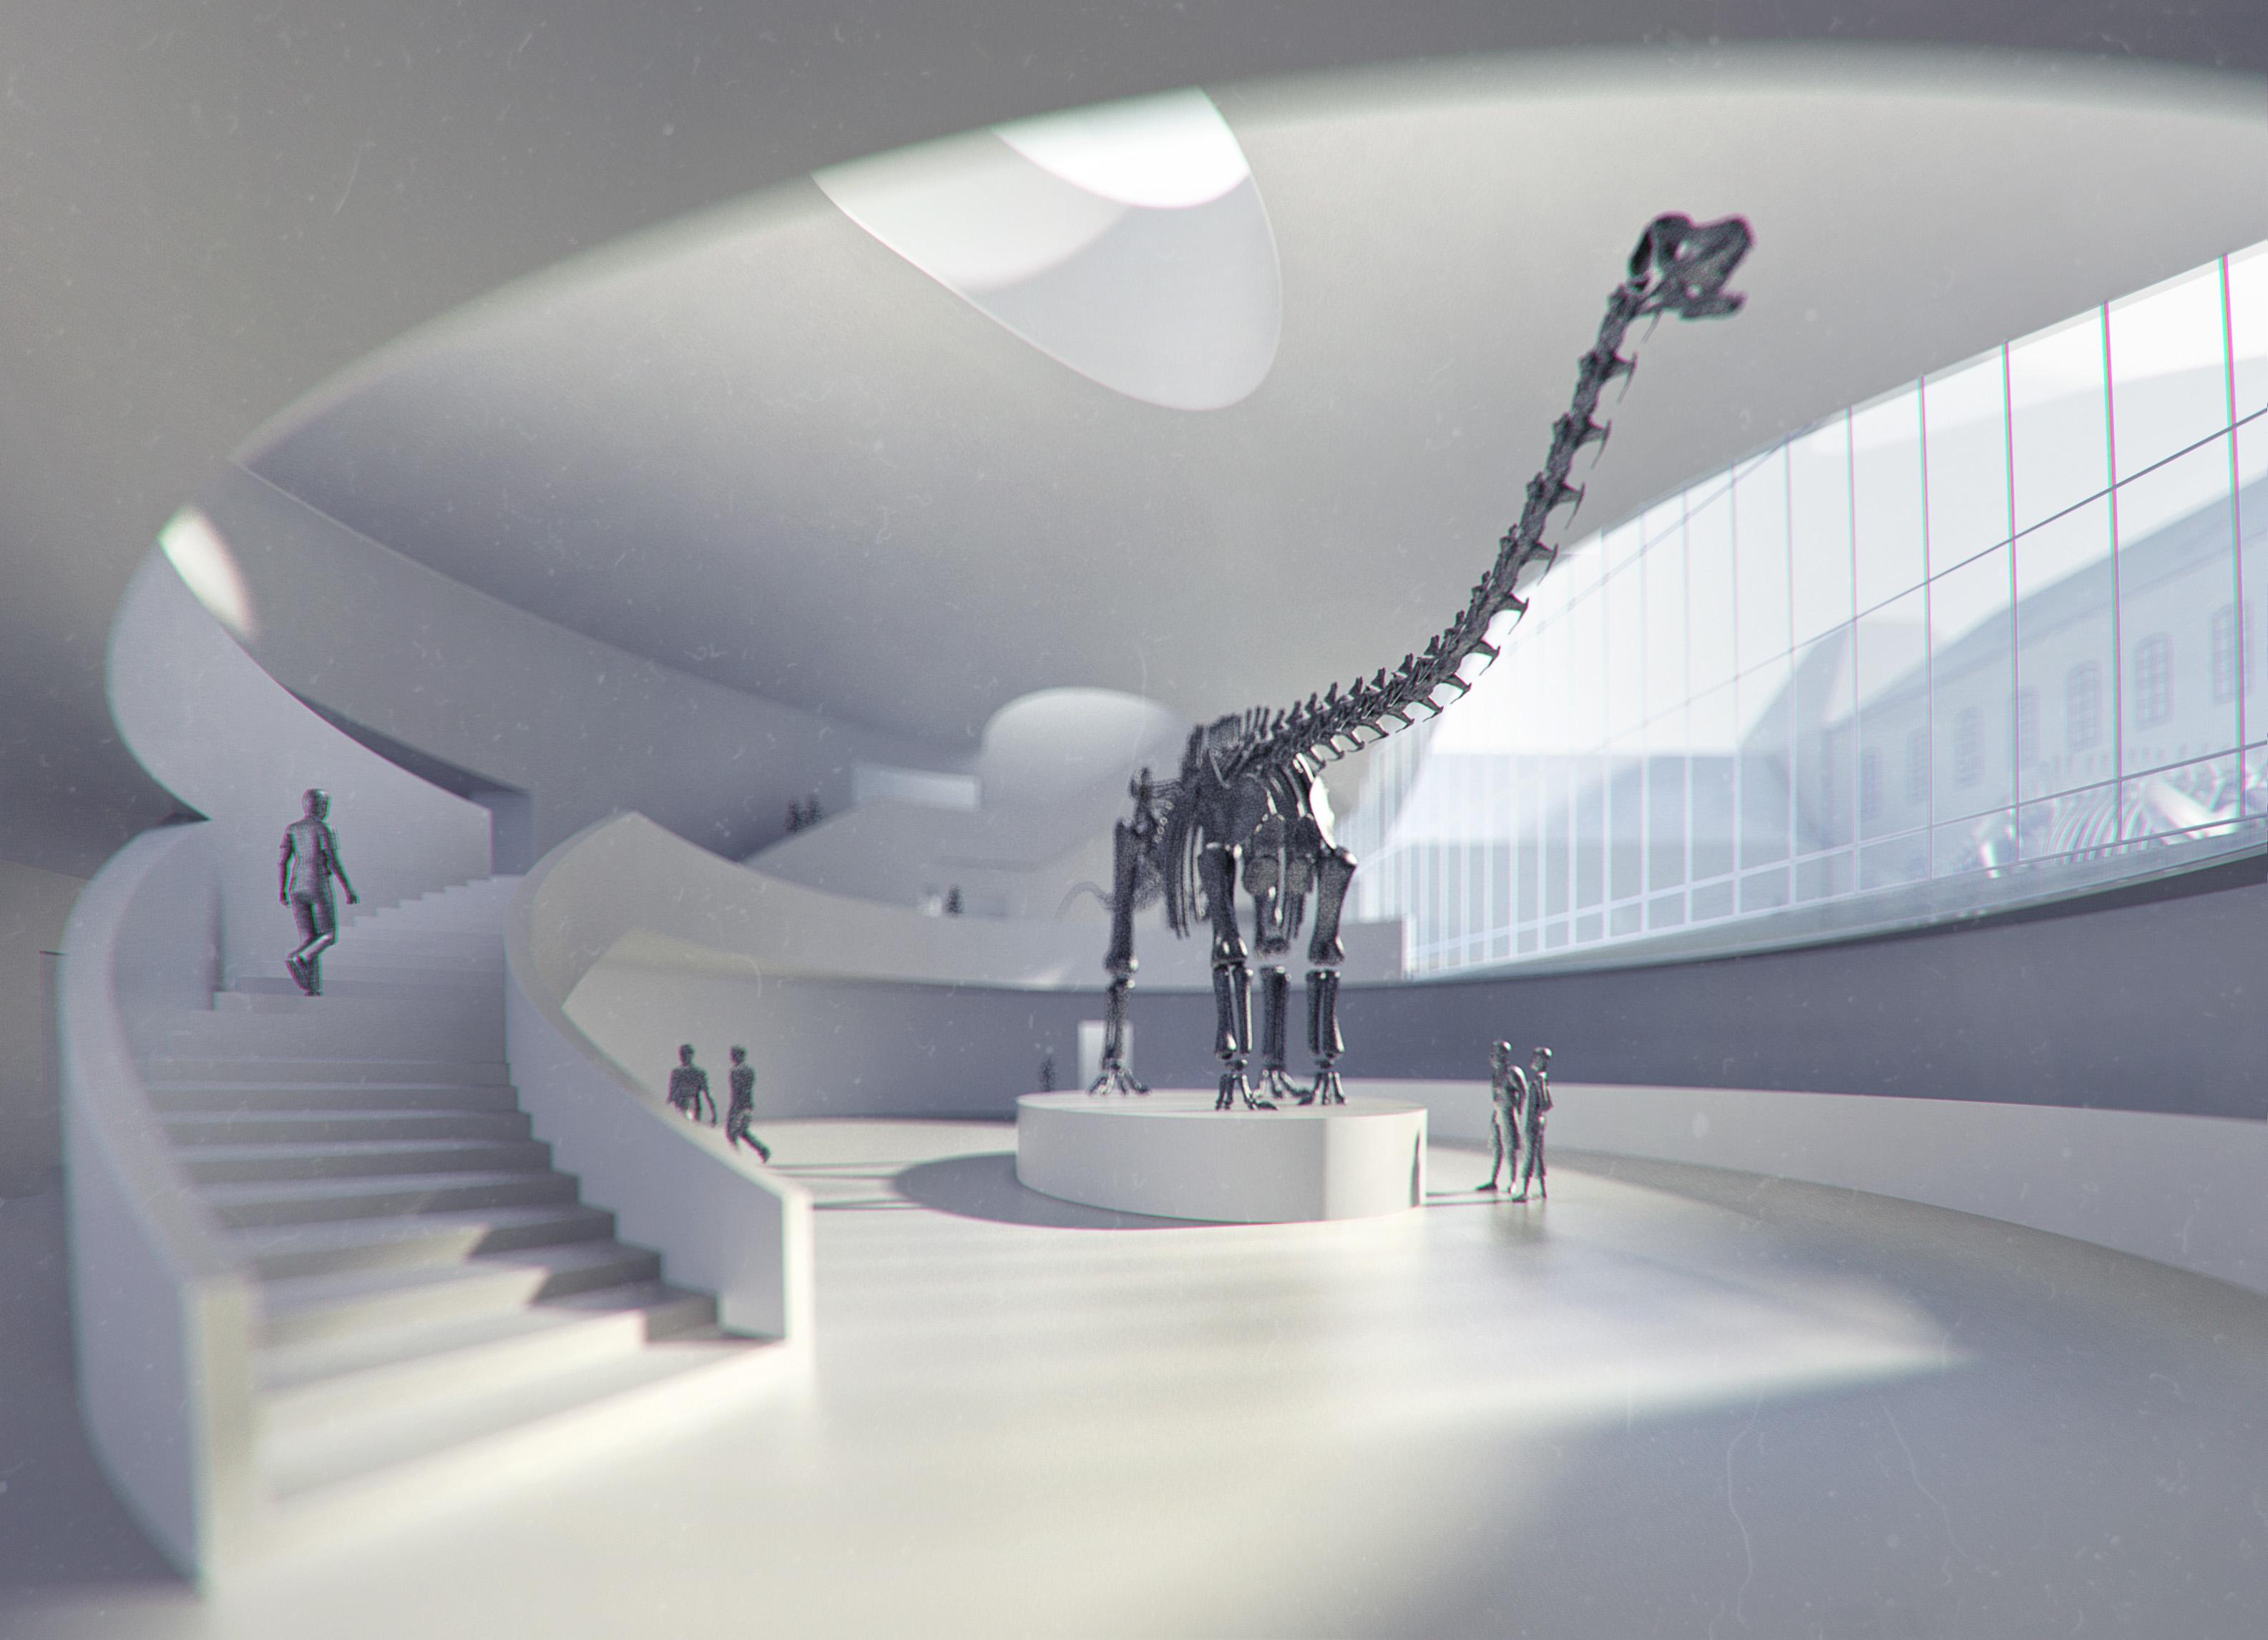 Wettbewerb Naturkundemuseum engere Wahl 1